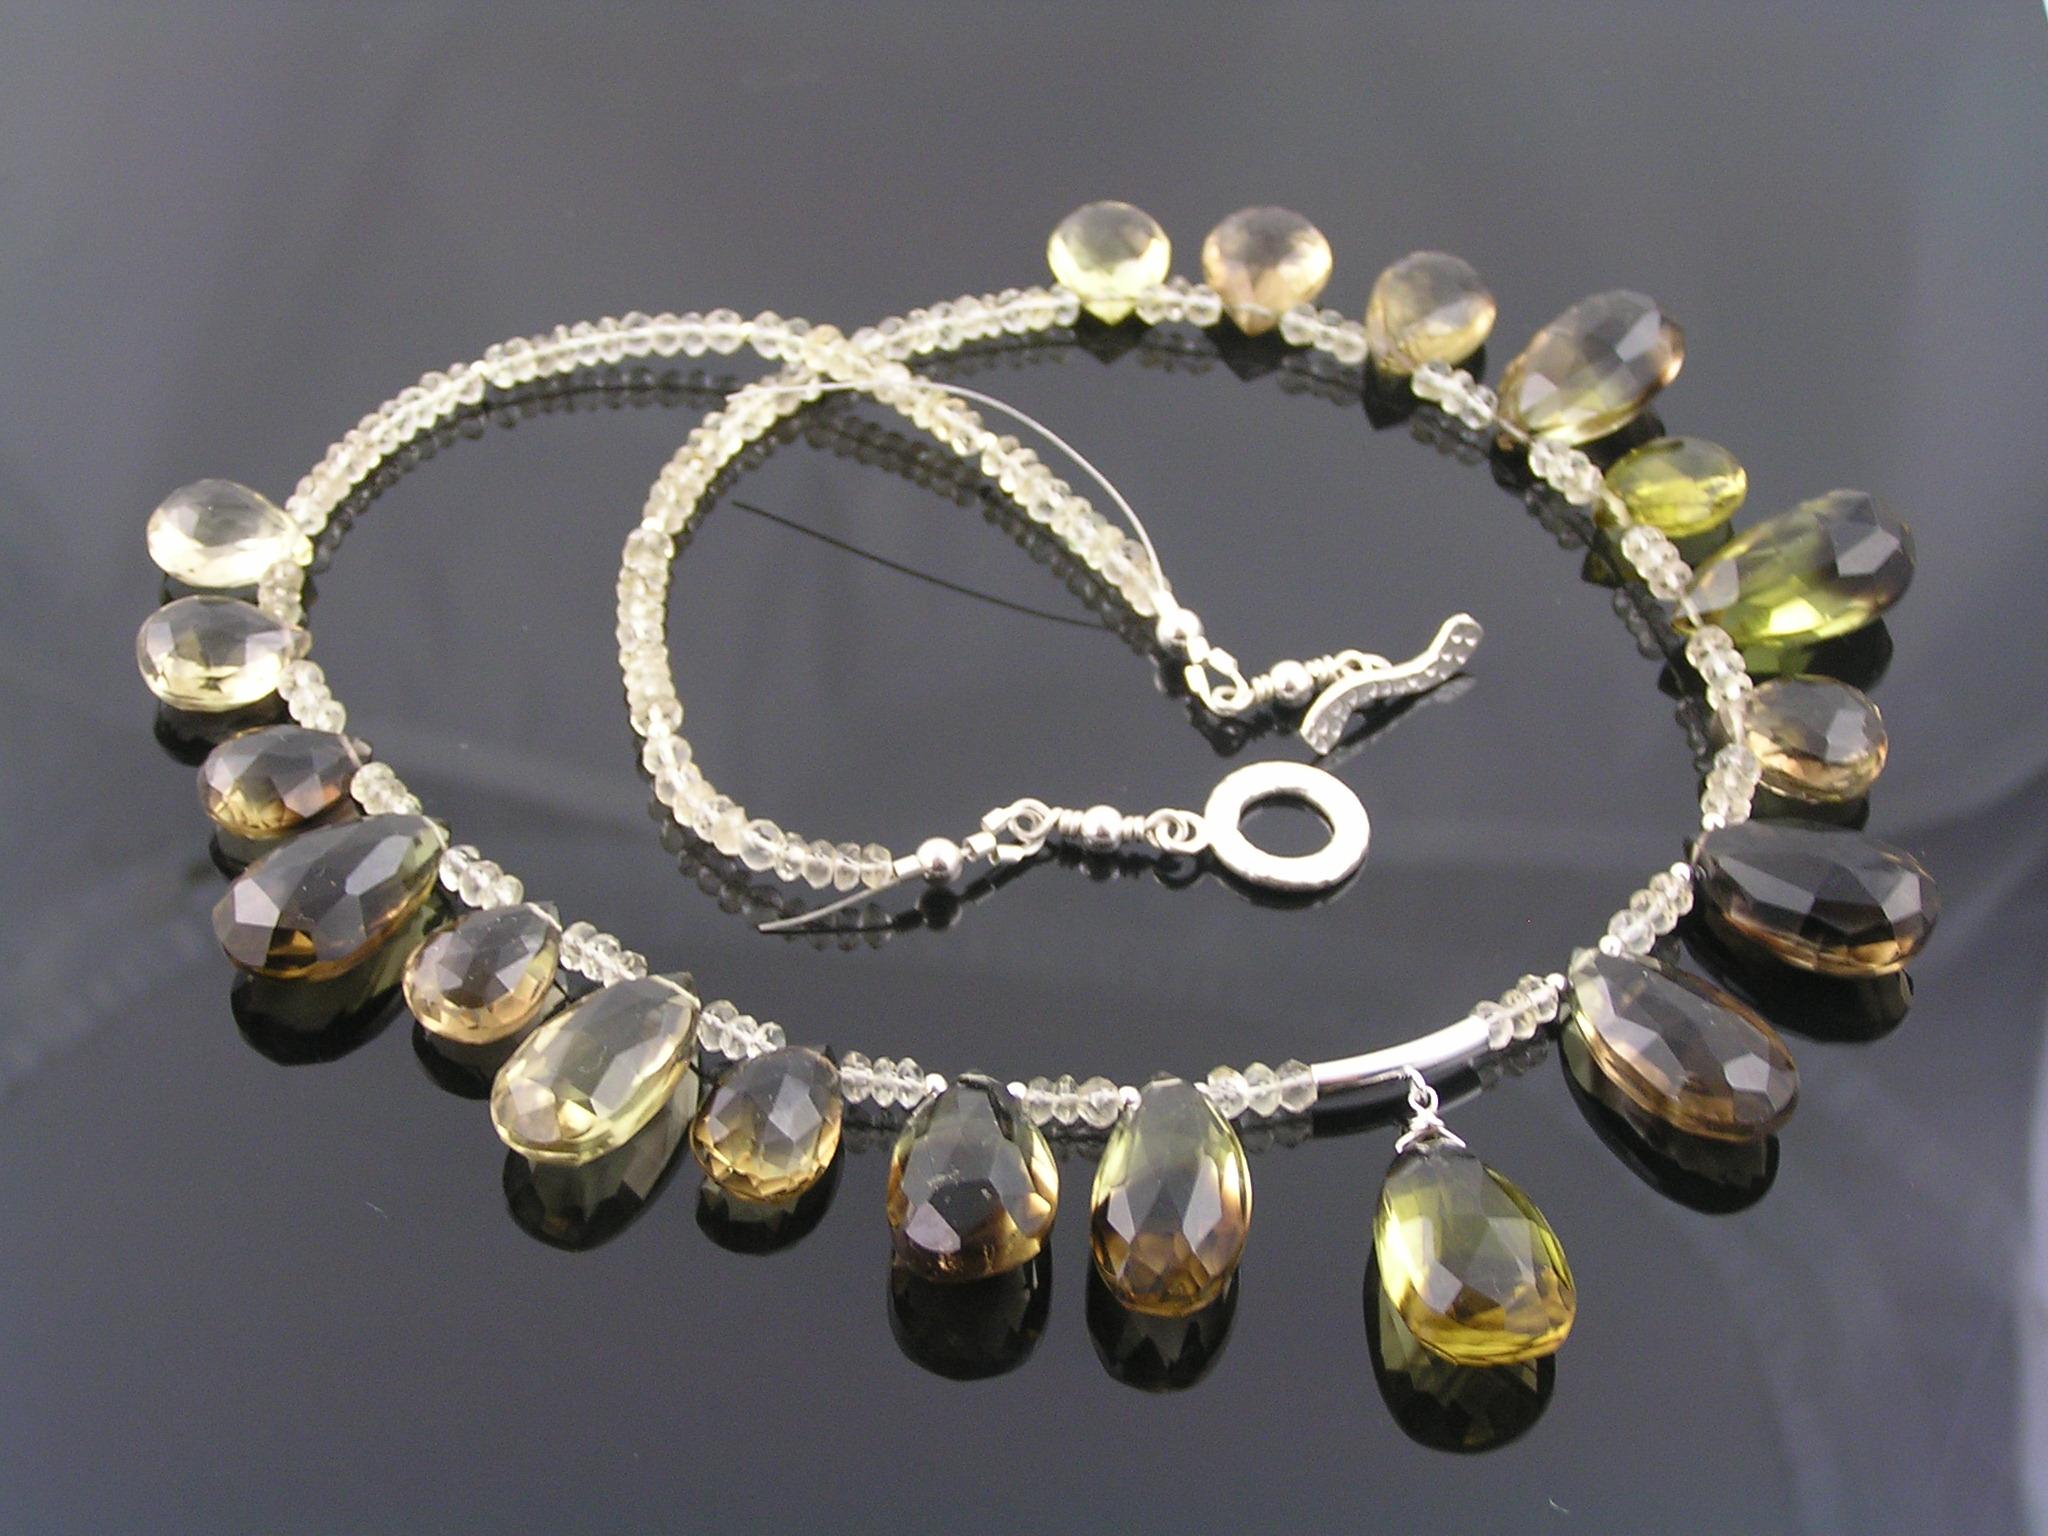 lemon quartz necklace